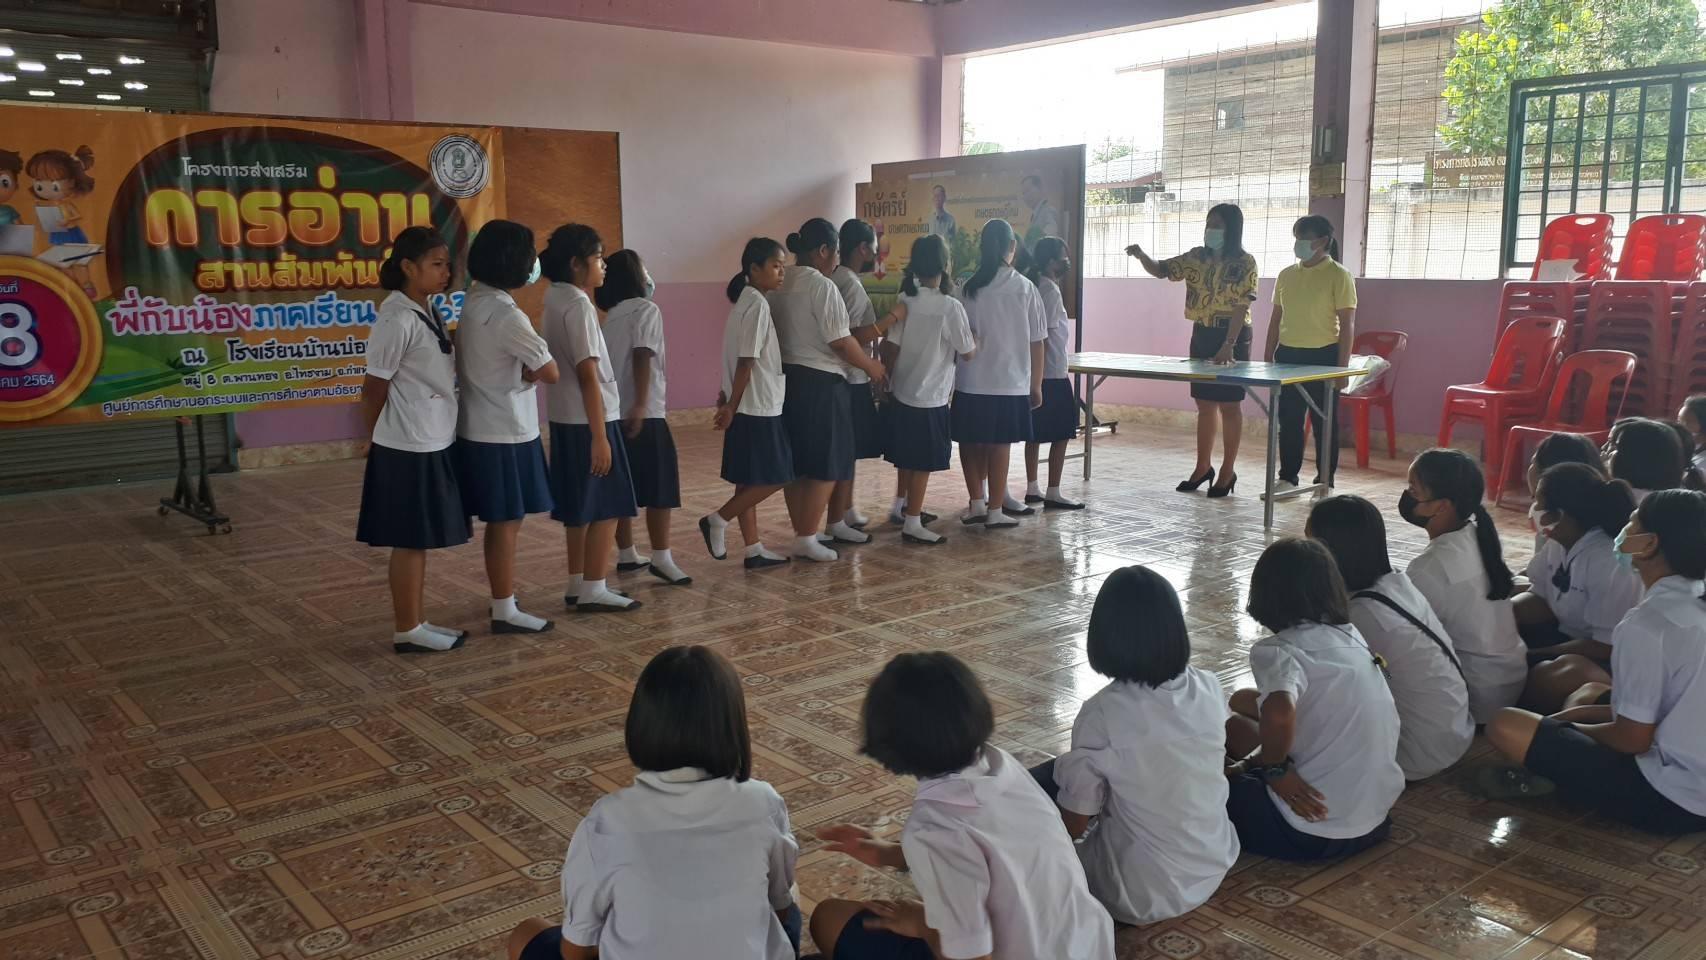 ส่งเสริมการอ่าน สานสัมพันธ์พี่กับน้อง ภาคเรียนที่ 2/2563  ณ โรงเรียนบ้านบ่อแก้ว ตำบลพานทอง อำเภอไทรงาม  จังหวัดกำแพงเพชร